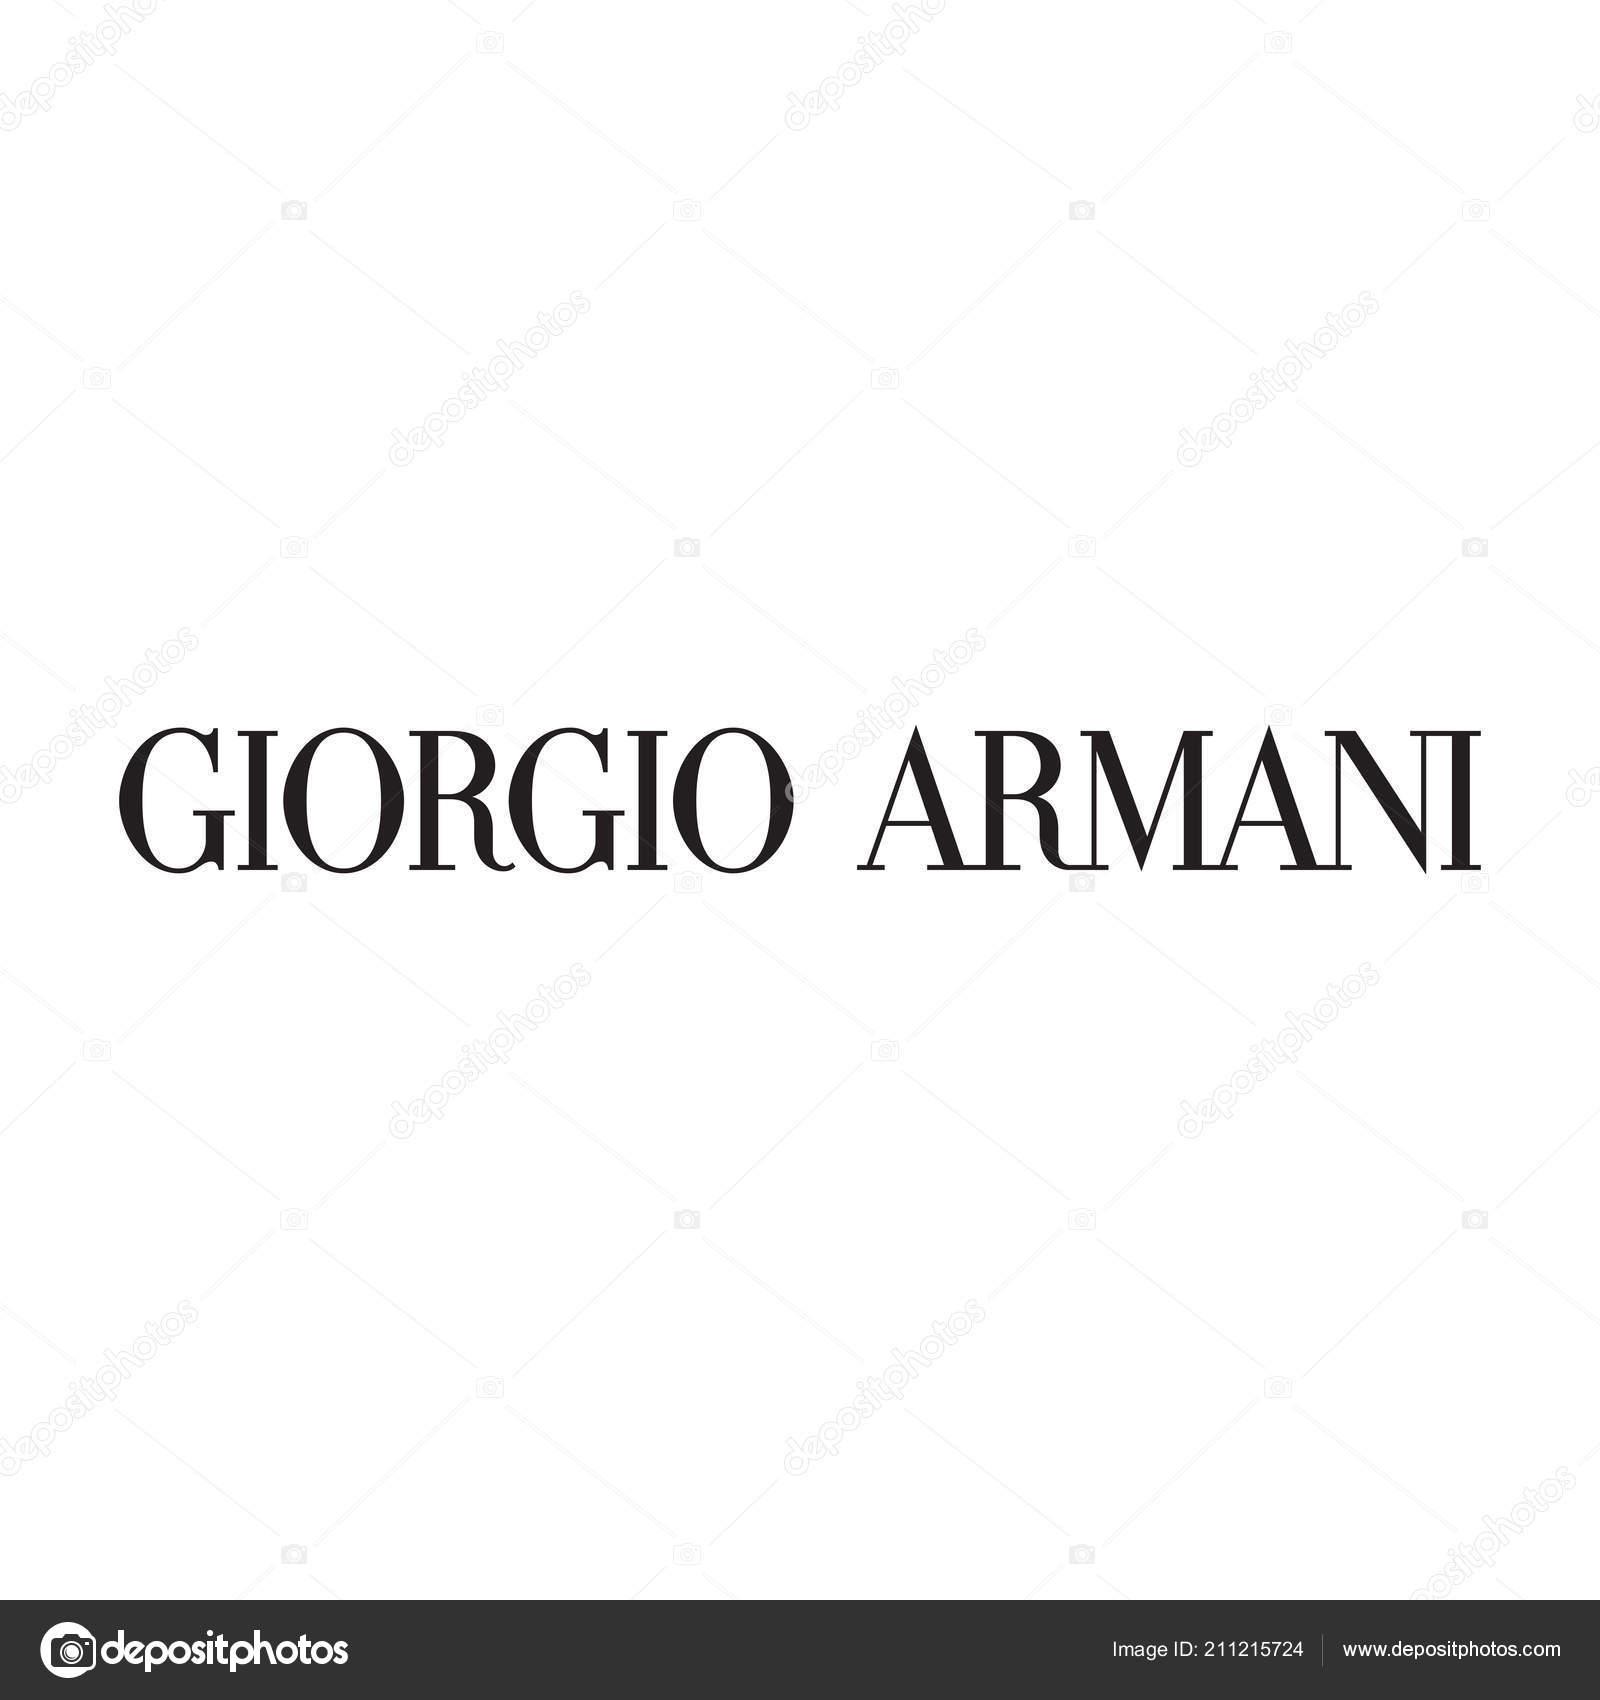 e8615f7918f9 Ρούχα Μάρκας Εικονογράφηση Του Giorgio Armani Λογότυπο Μόδας Πολυτέλειας — Φωτογραφία  Αρχείου